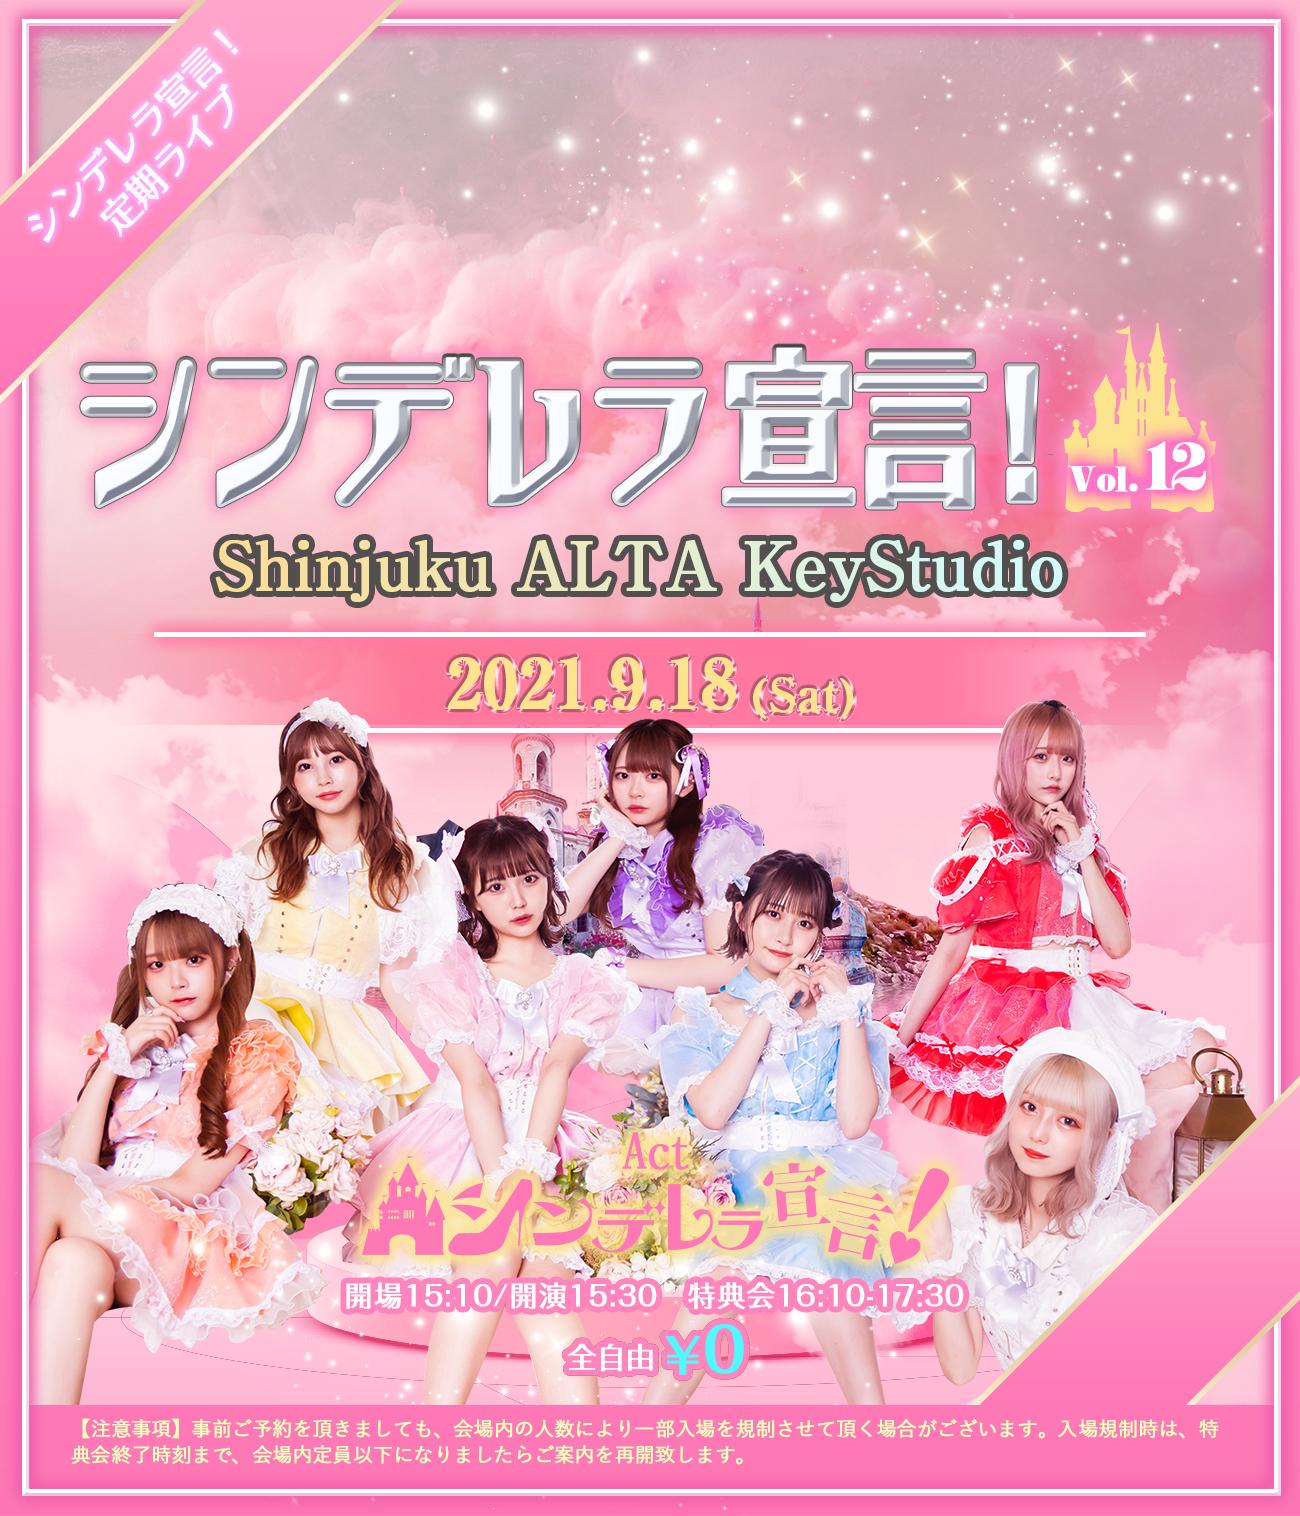 シンデレラ宣言!定期ライブ『シンデレラ宣言!』Vol.12